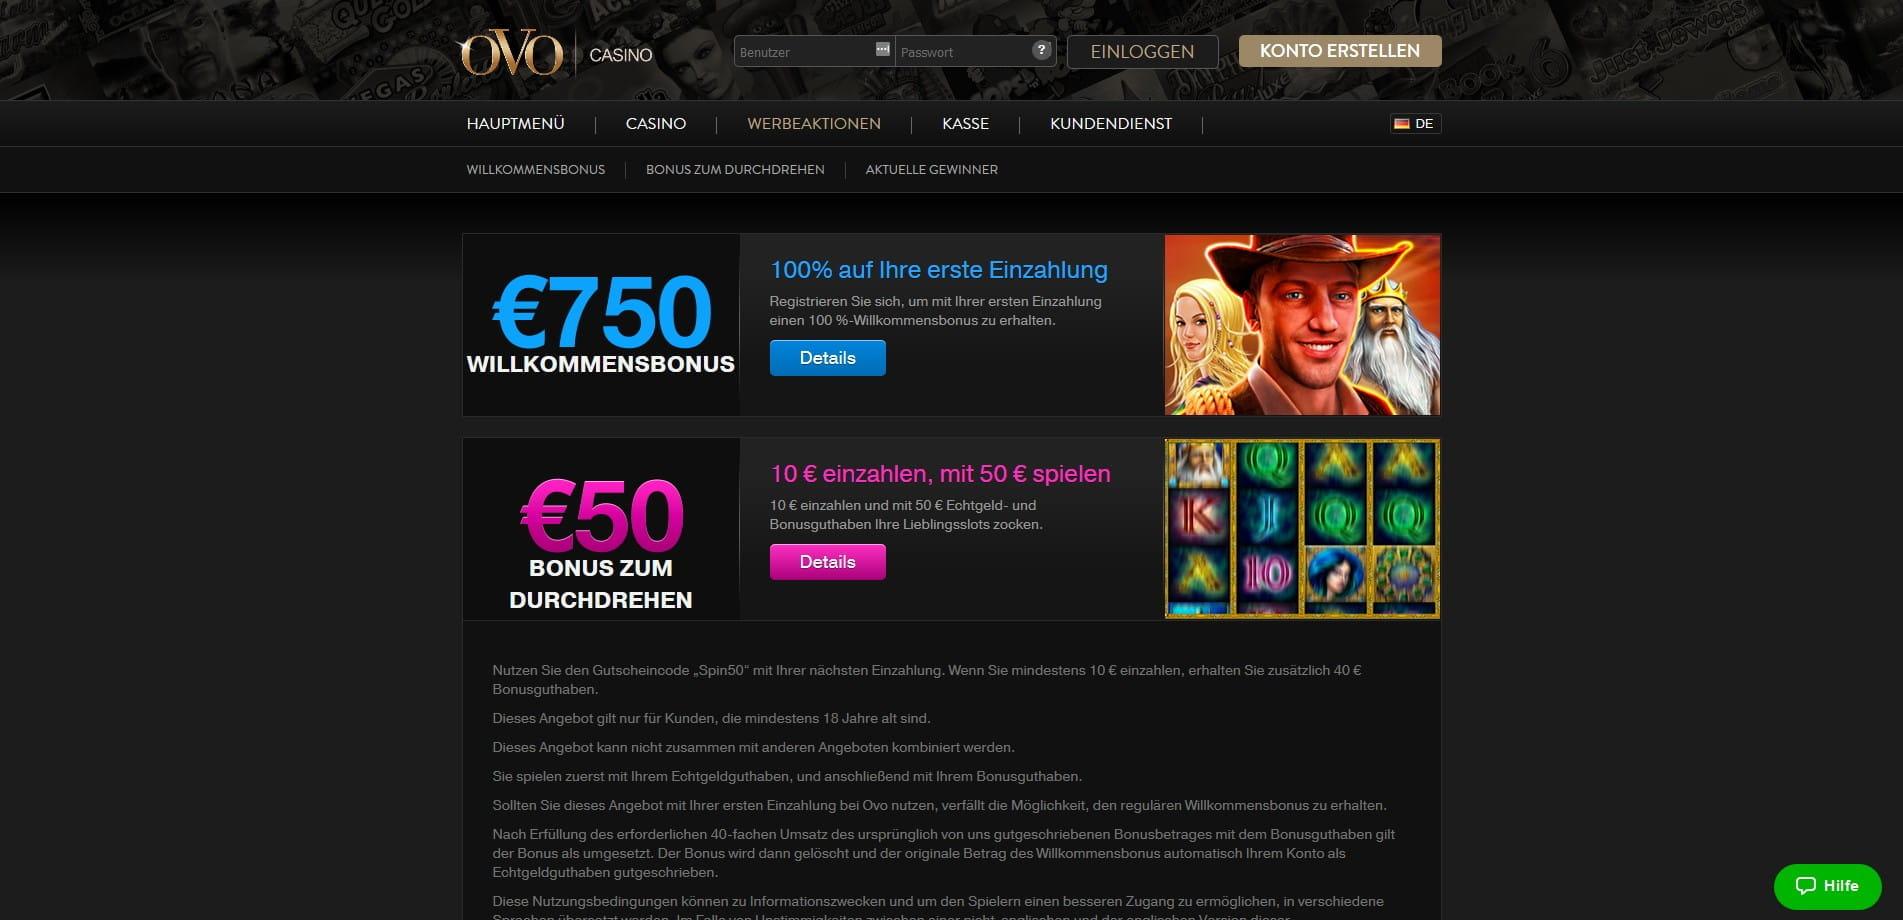 10 Euro Einzahlen 50 Euro Spielen Casino